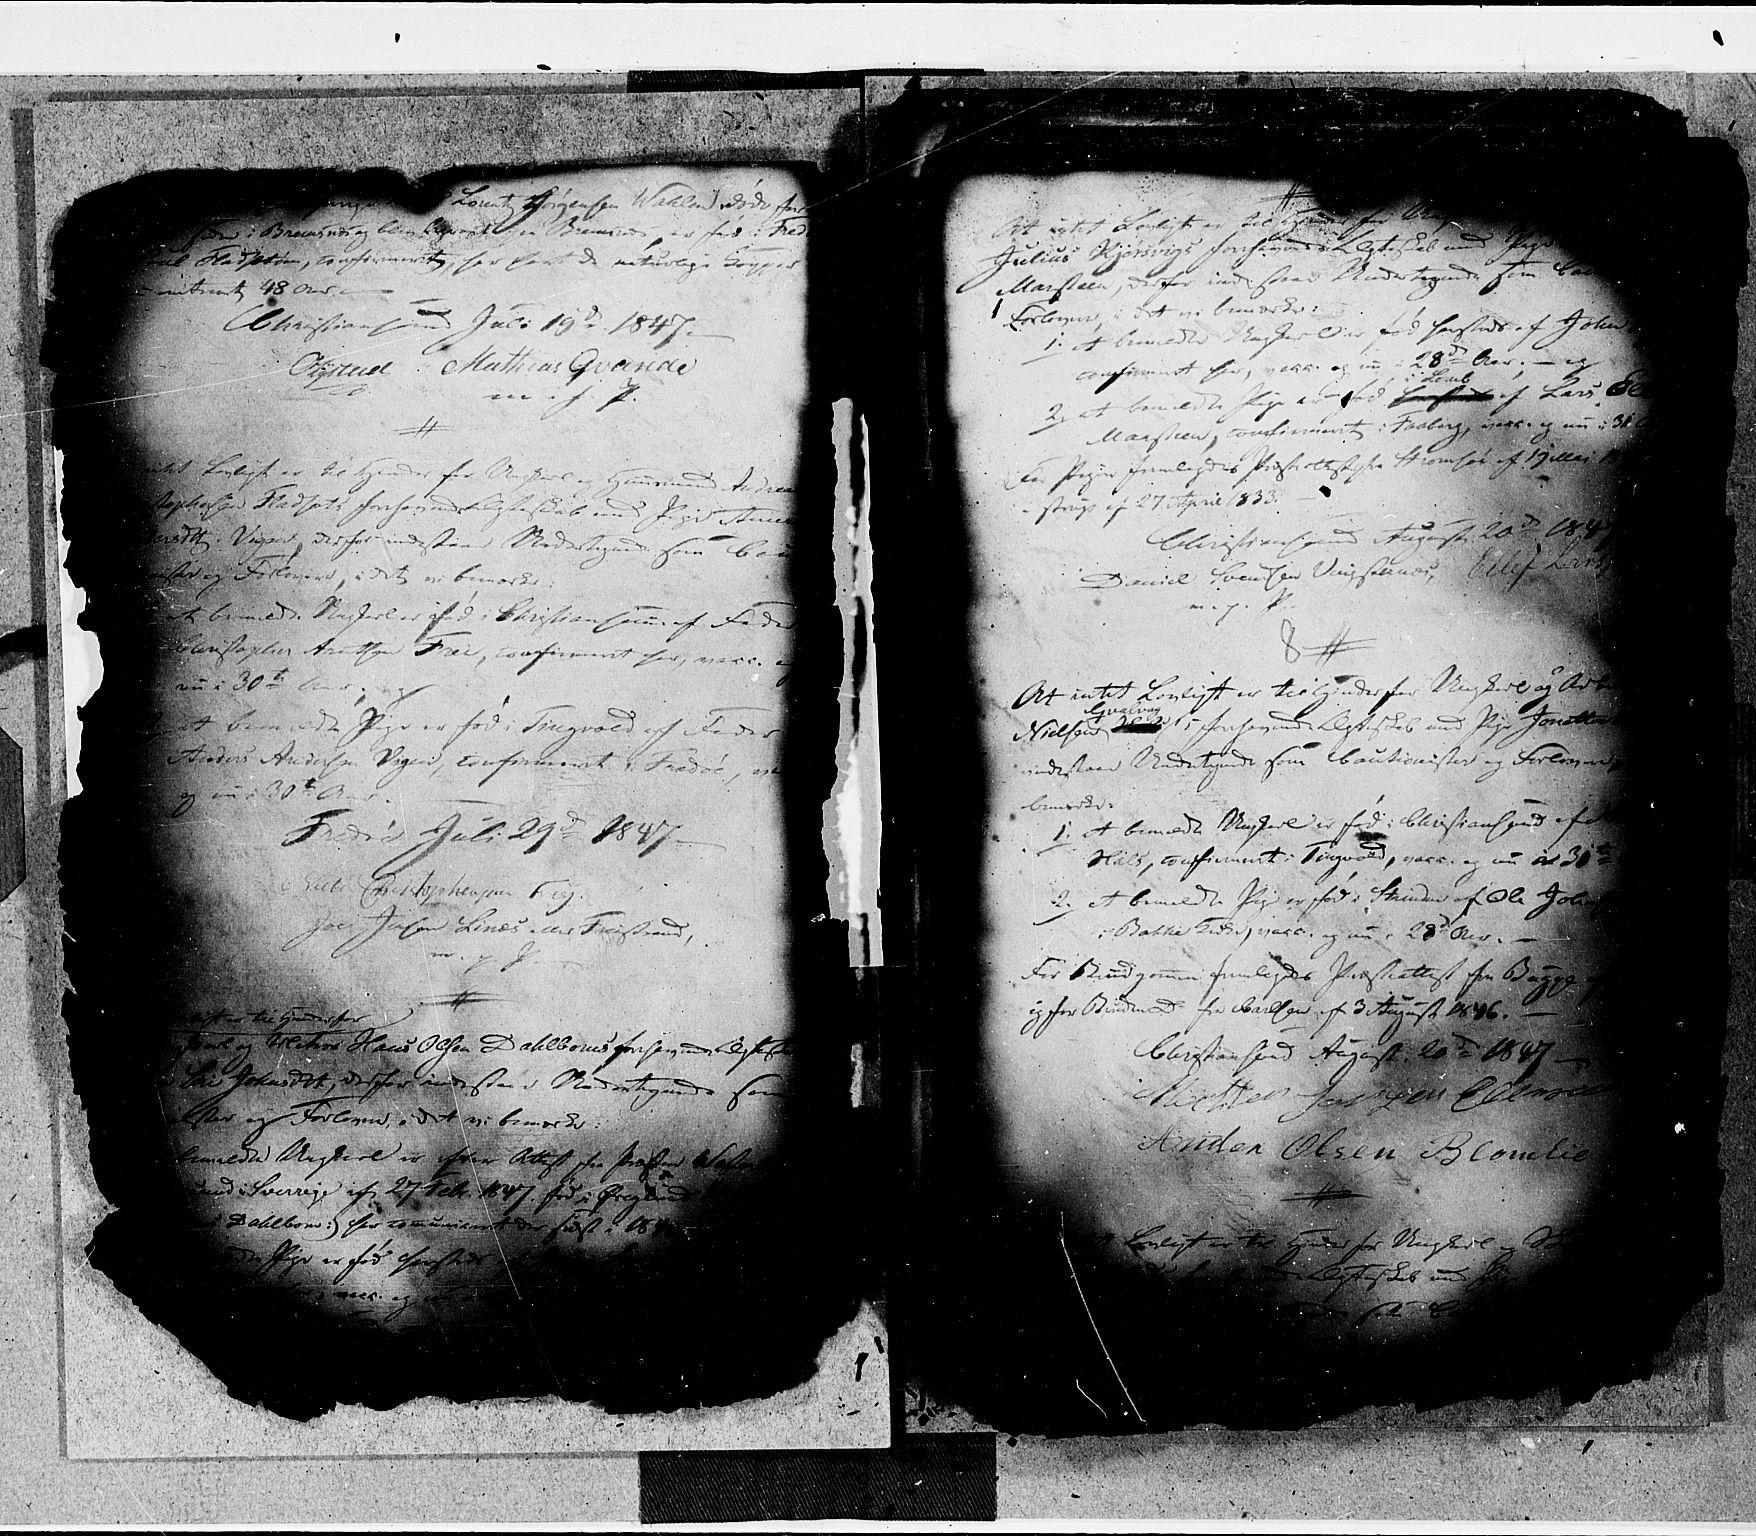 SAT, Arkivreferanse ukjent*, Forlovererklæringer nr. 16, 1846-1855, s. 8